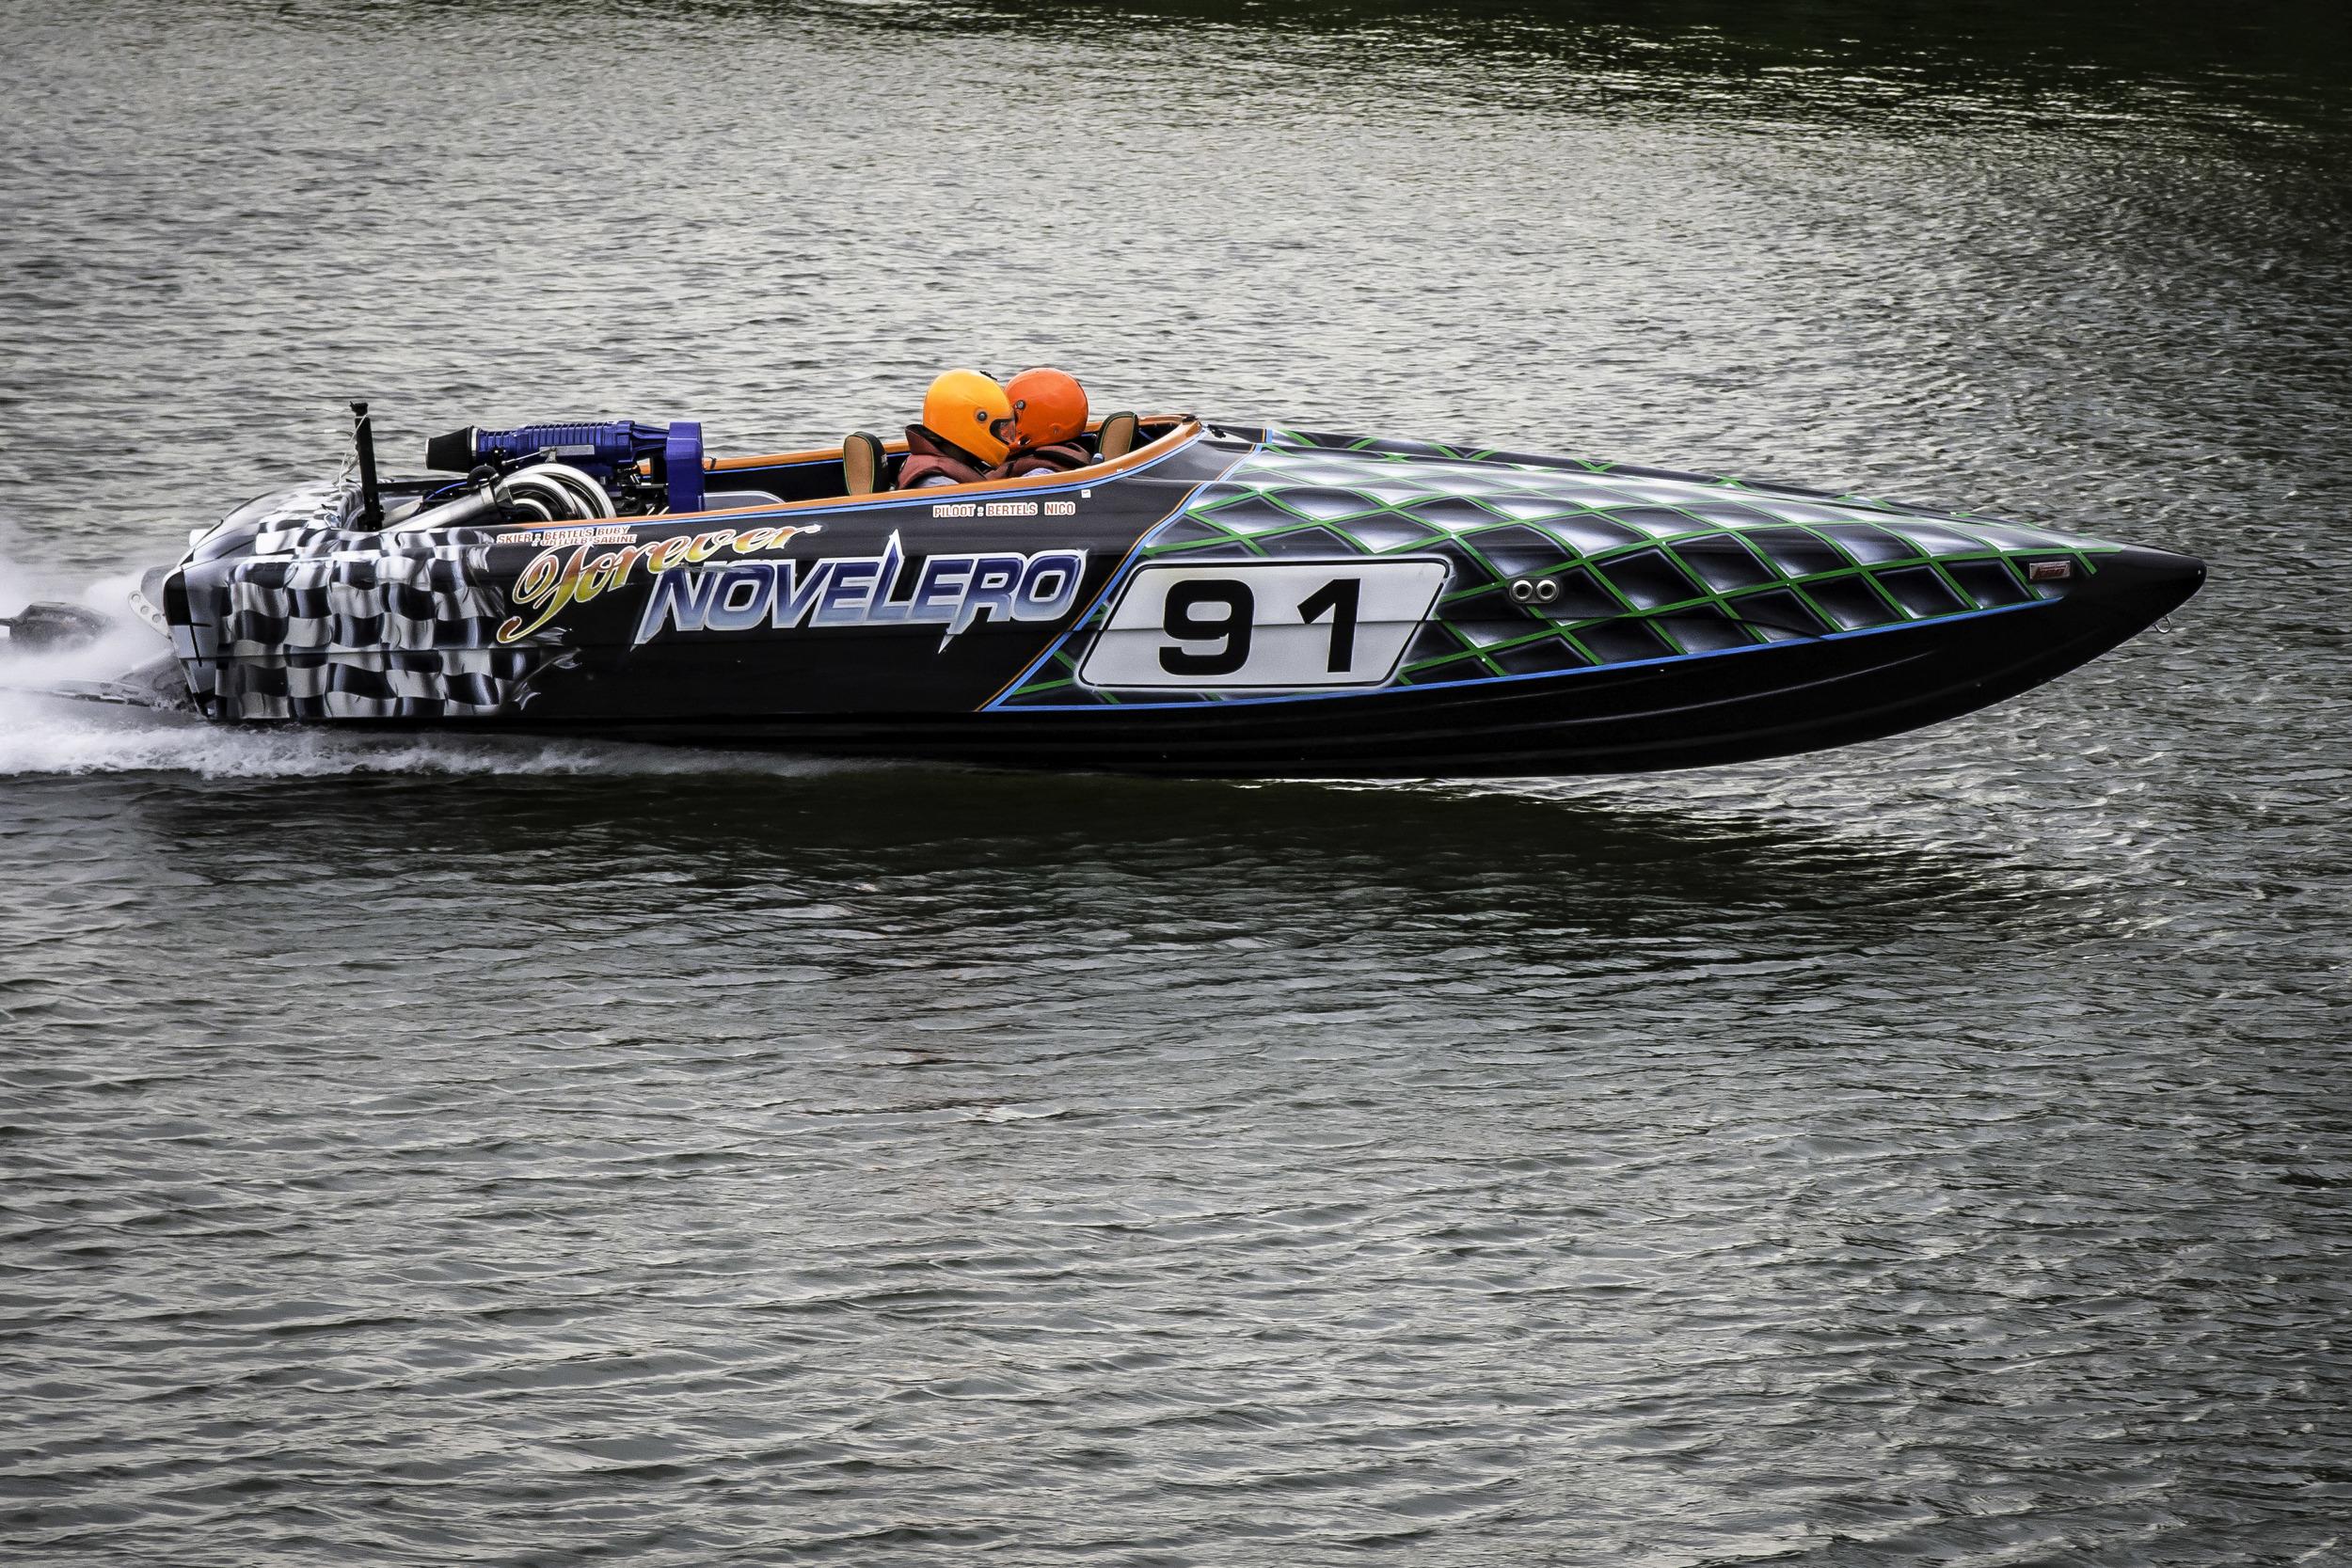 Het zou me niet verbazen dat deze speedboot en waterskiër het Belgisch kampioenschap waterski in Klein-Willebroek gewonnen hebben. Wat een power!